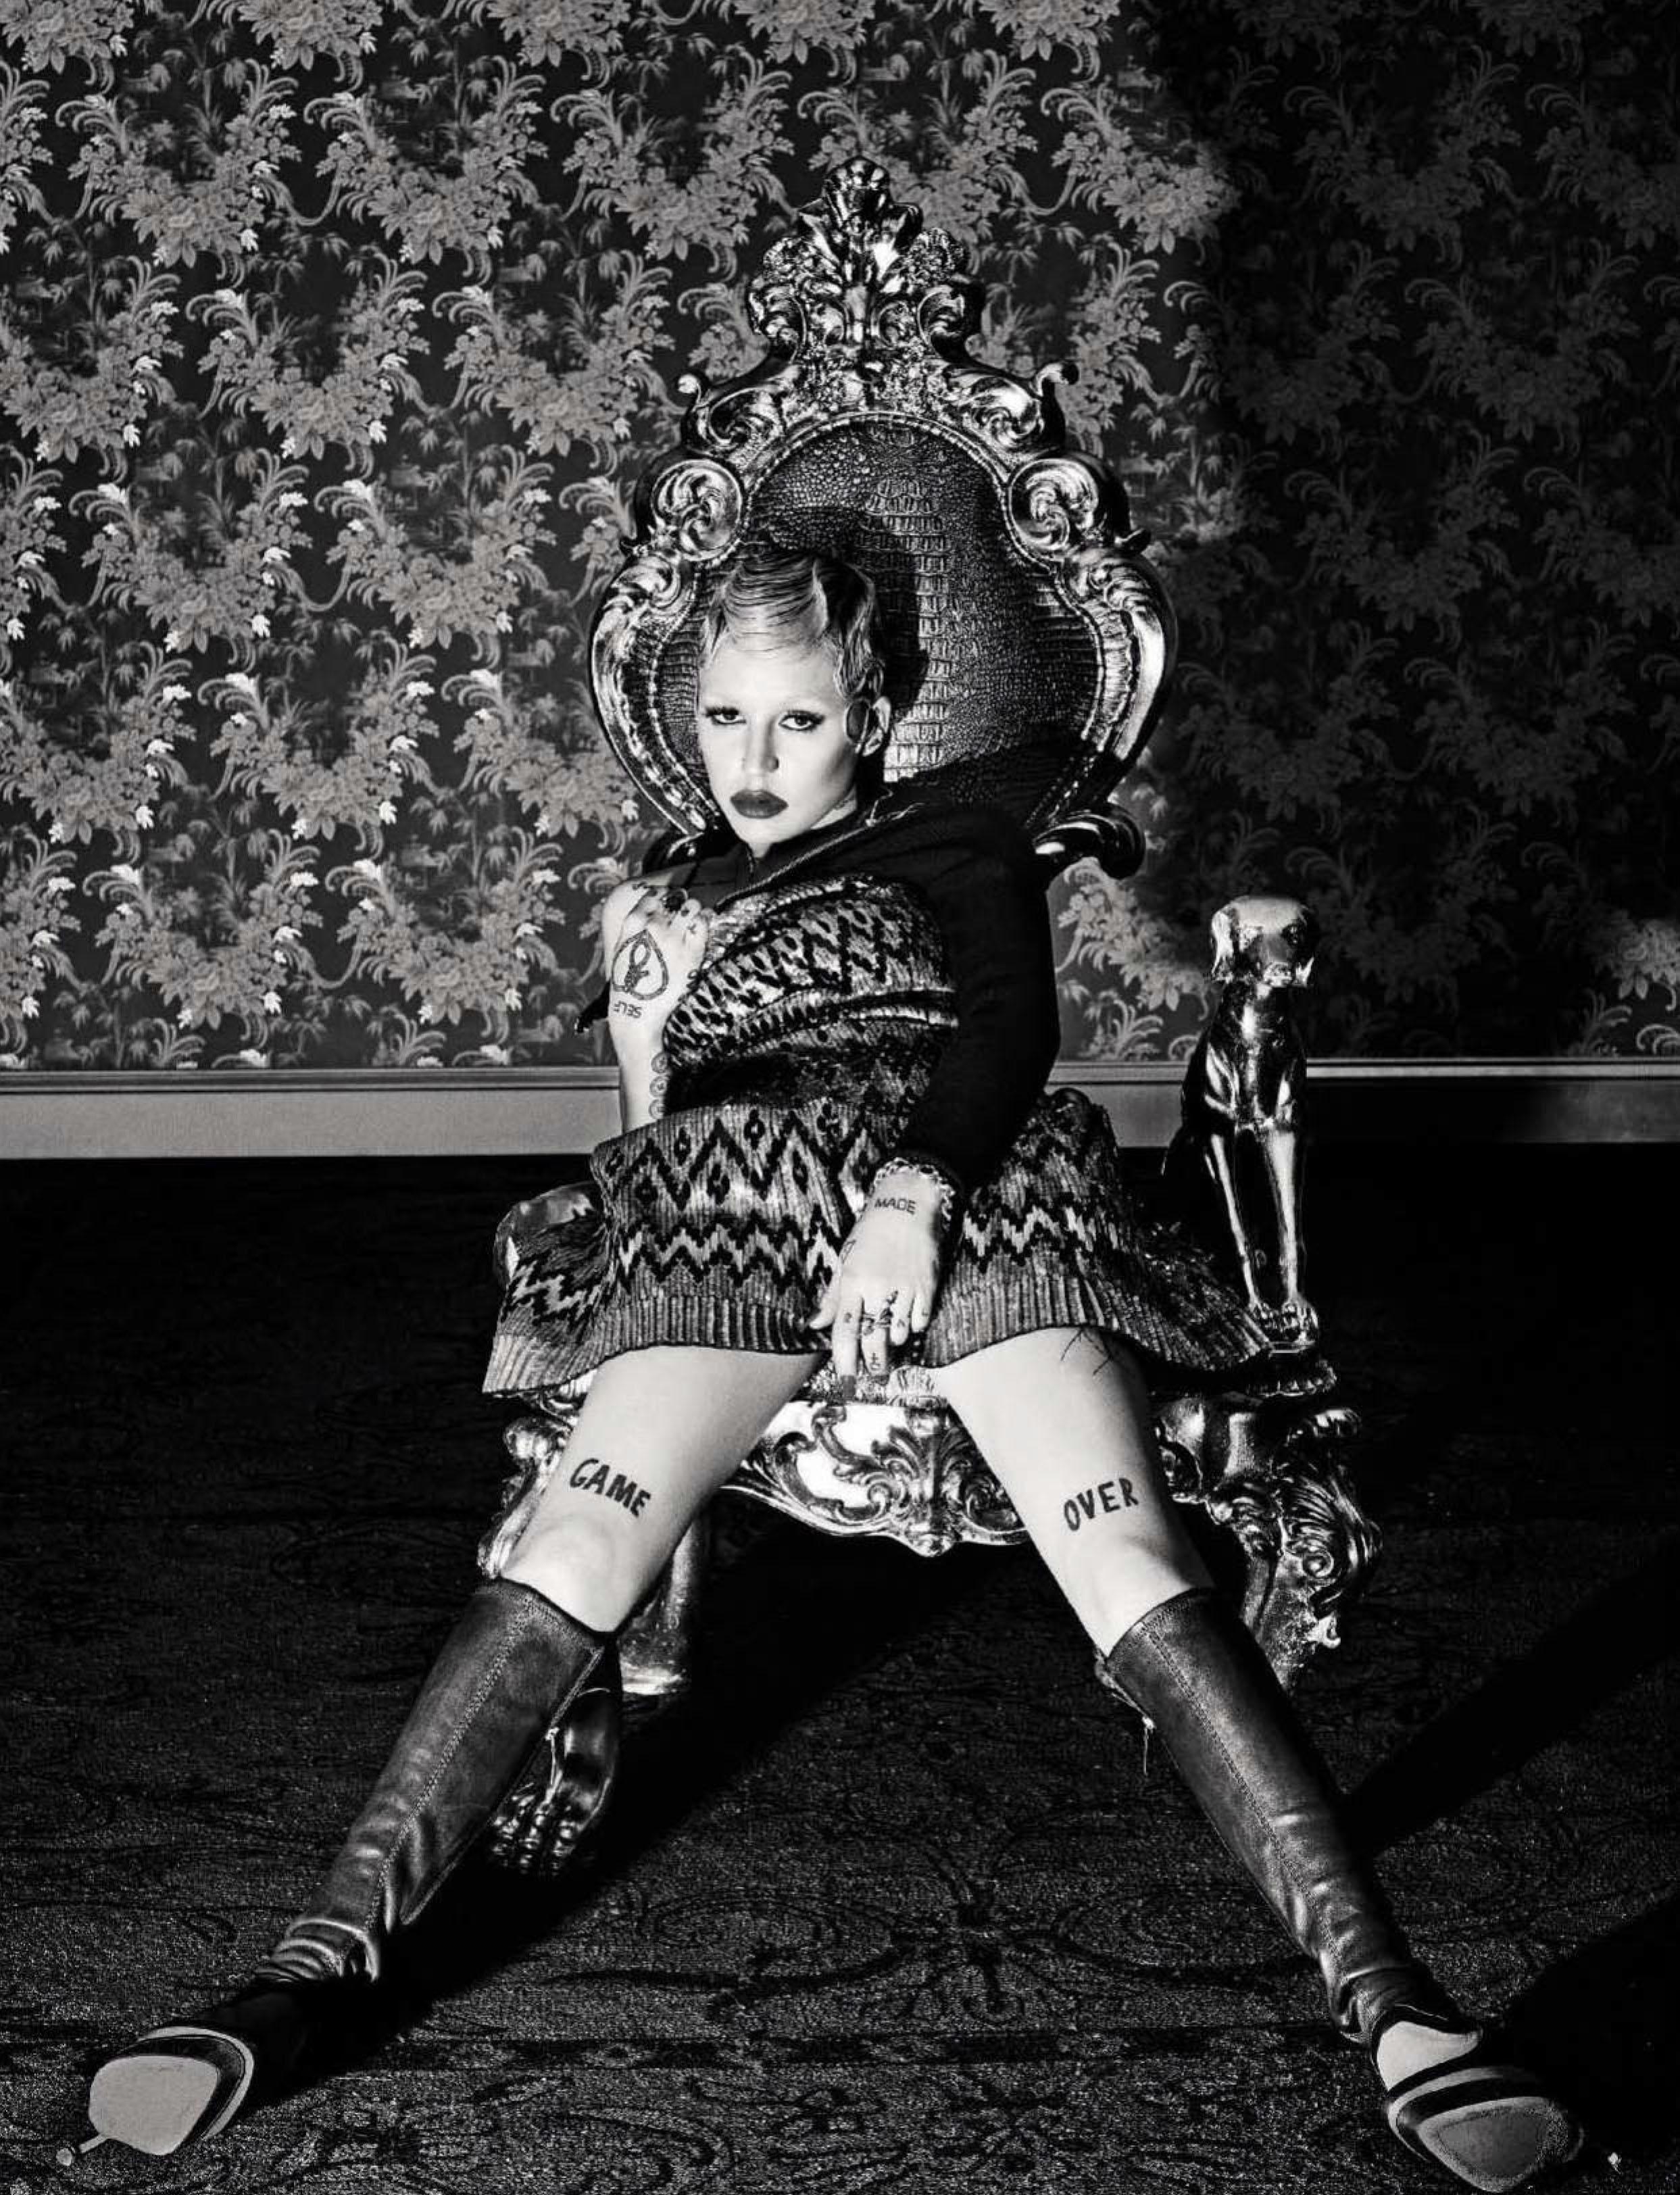 Brooke Candy para Vogue Italia, 2015